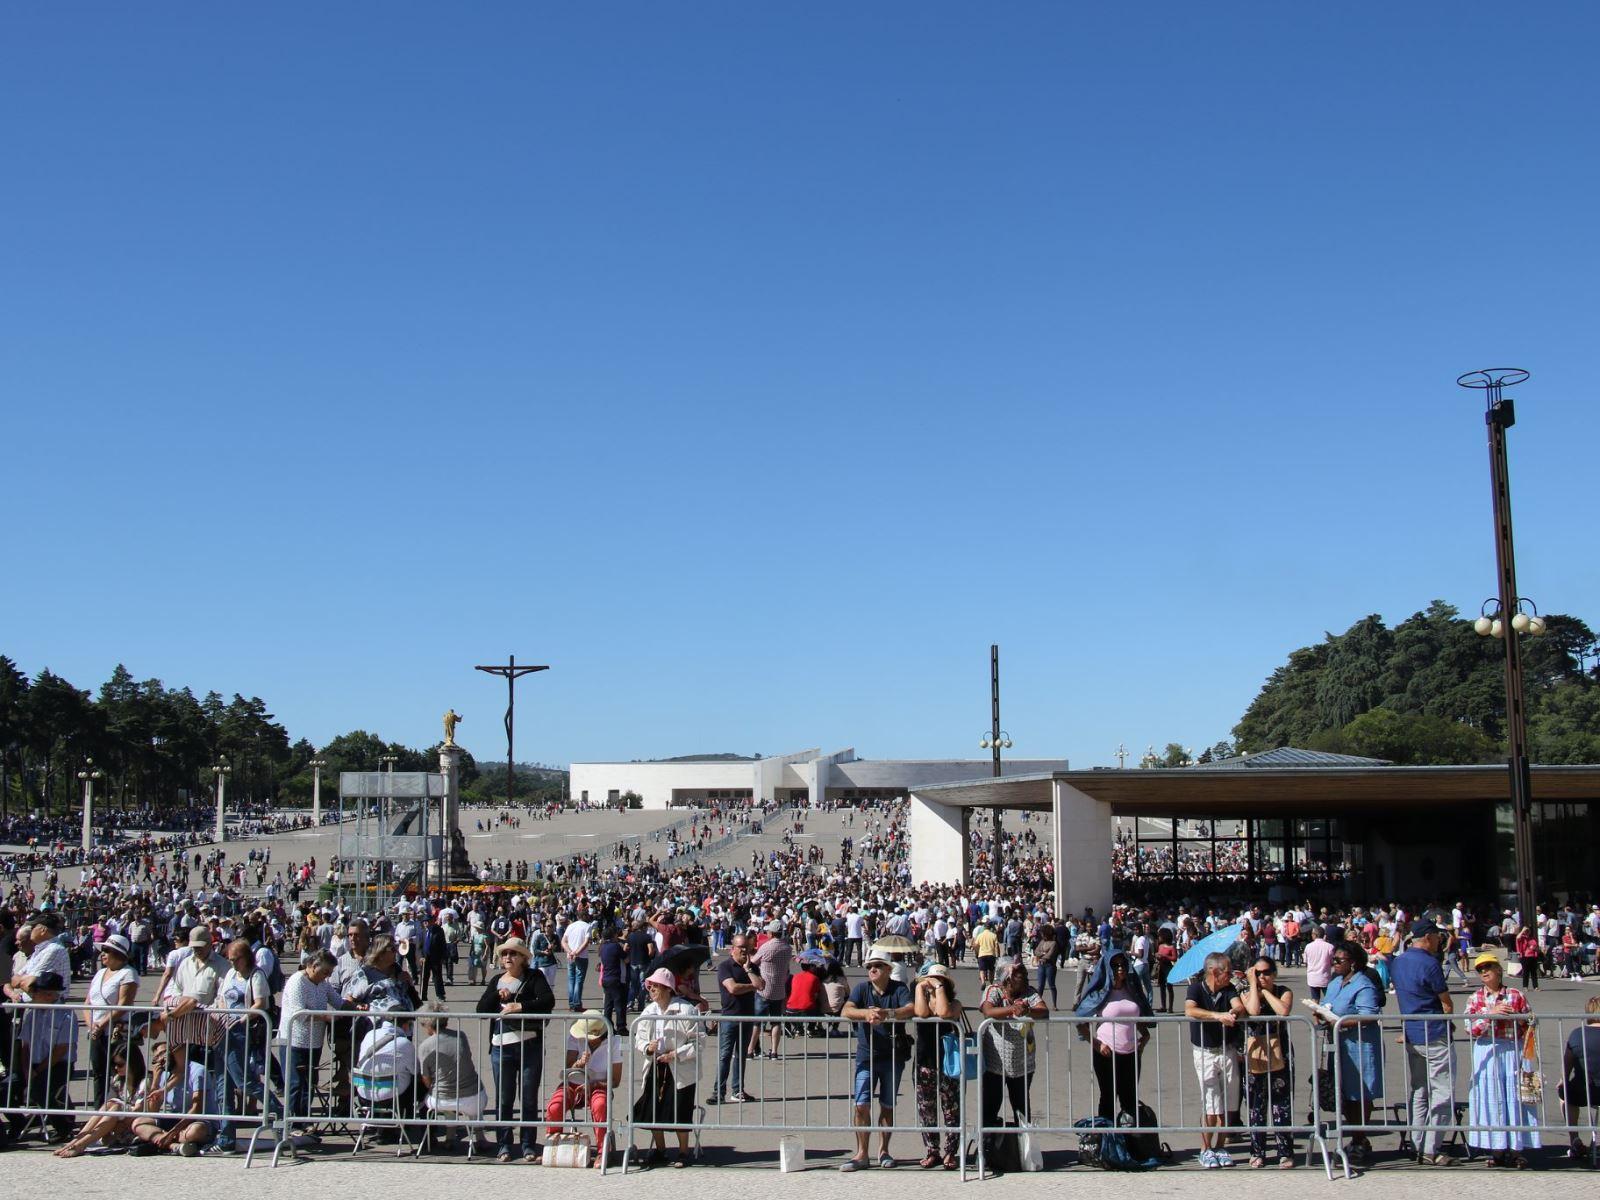 032 - Đại lễ Đức Mẹ Hồn Xác Lên Trời tại Fatima, Bồ Đào Nha